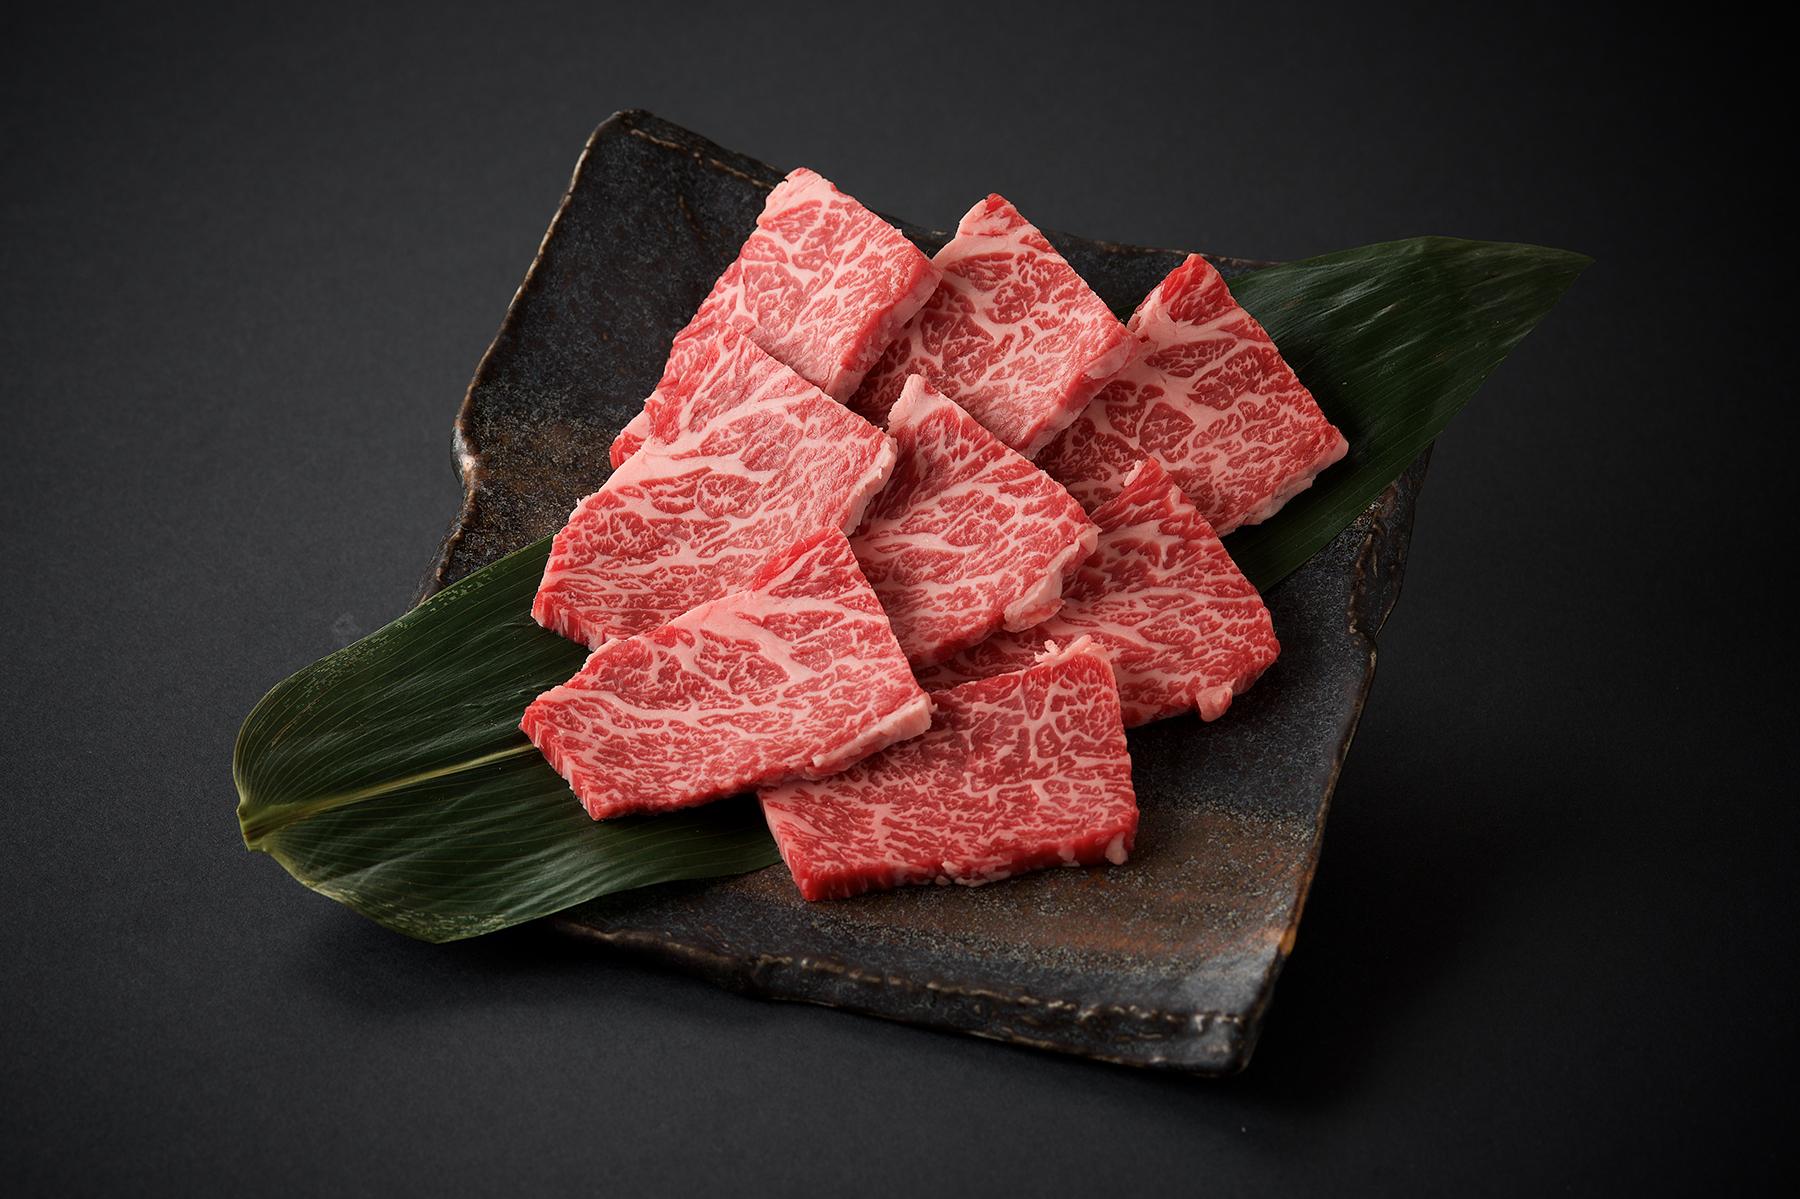 九州産黒毛和牛 カイノミ/100g